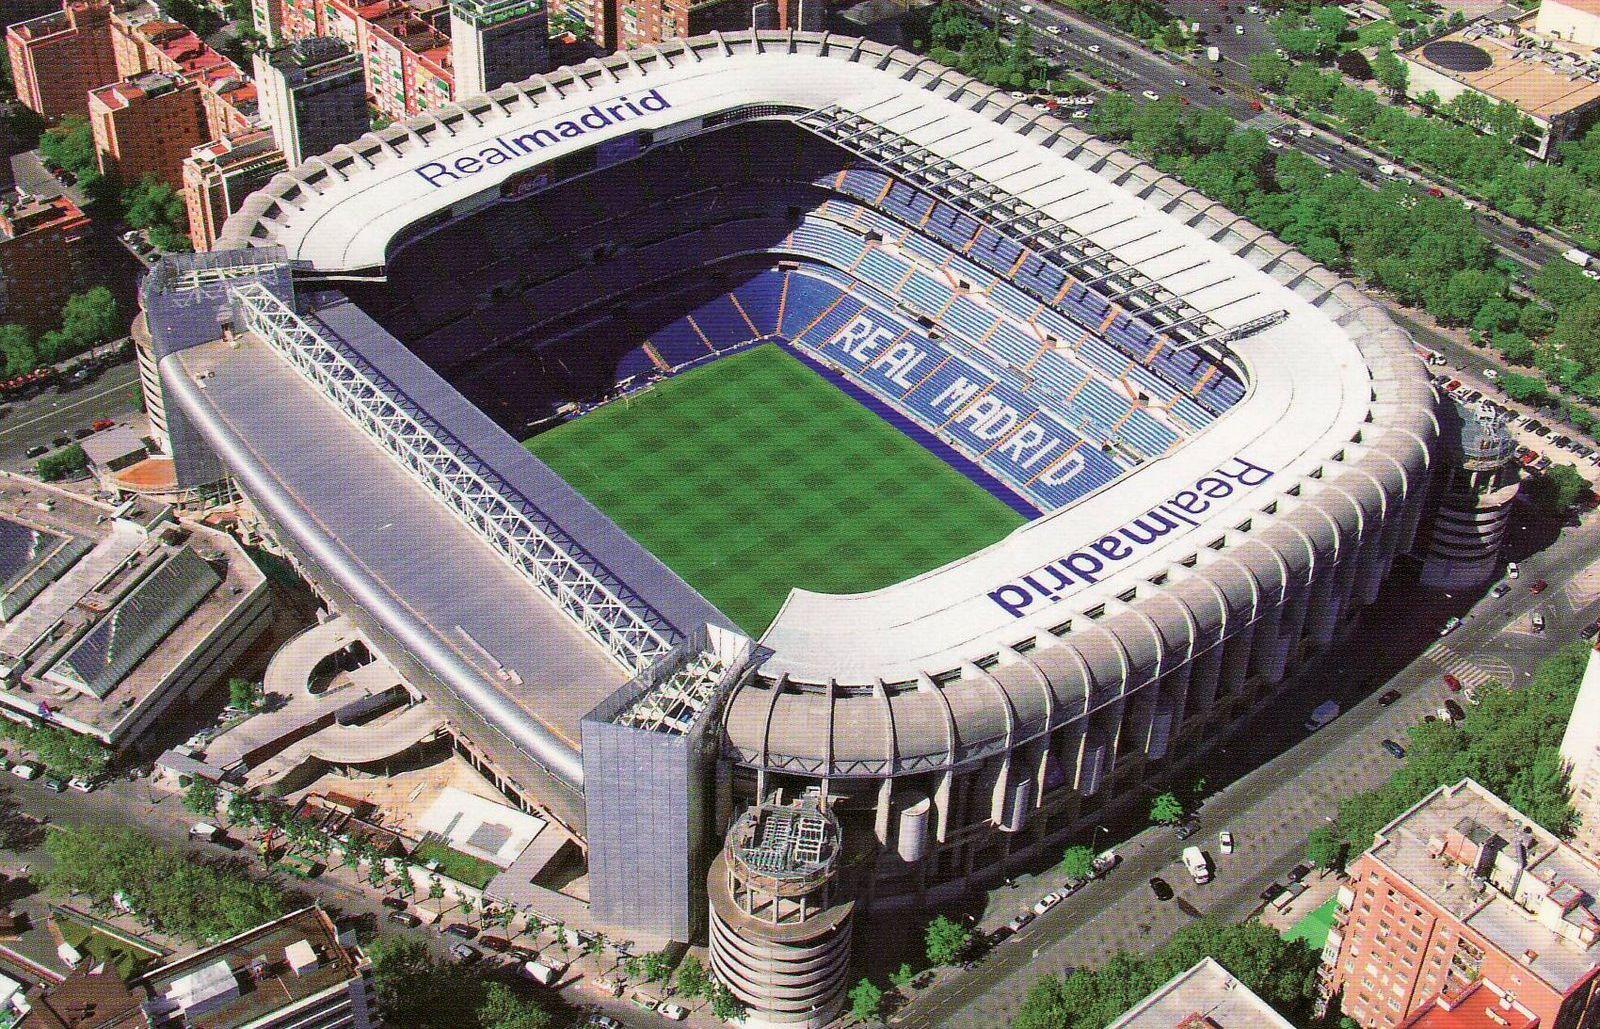 El estadio Santiago Bernabéu de Madrid. Fue inaugurado en 1947 y en la actualidad tiene un aforo de 81000 espectadores. Aquí Italia se adjudicó su tercer título al derrotar 3-1 a Alemania Federal en la final del mundial de 1982 celebrado en España.